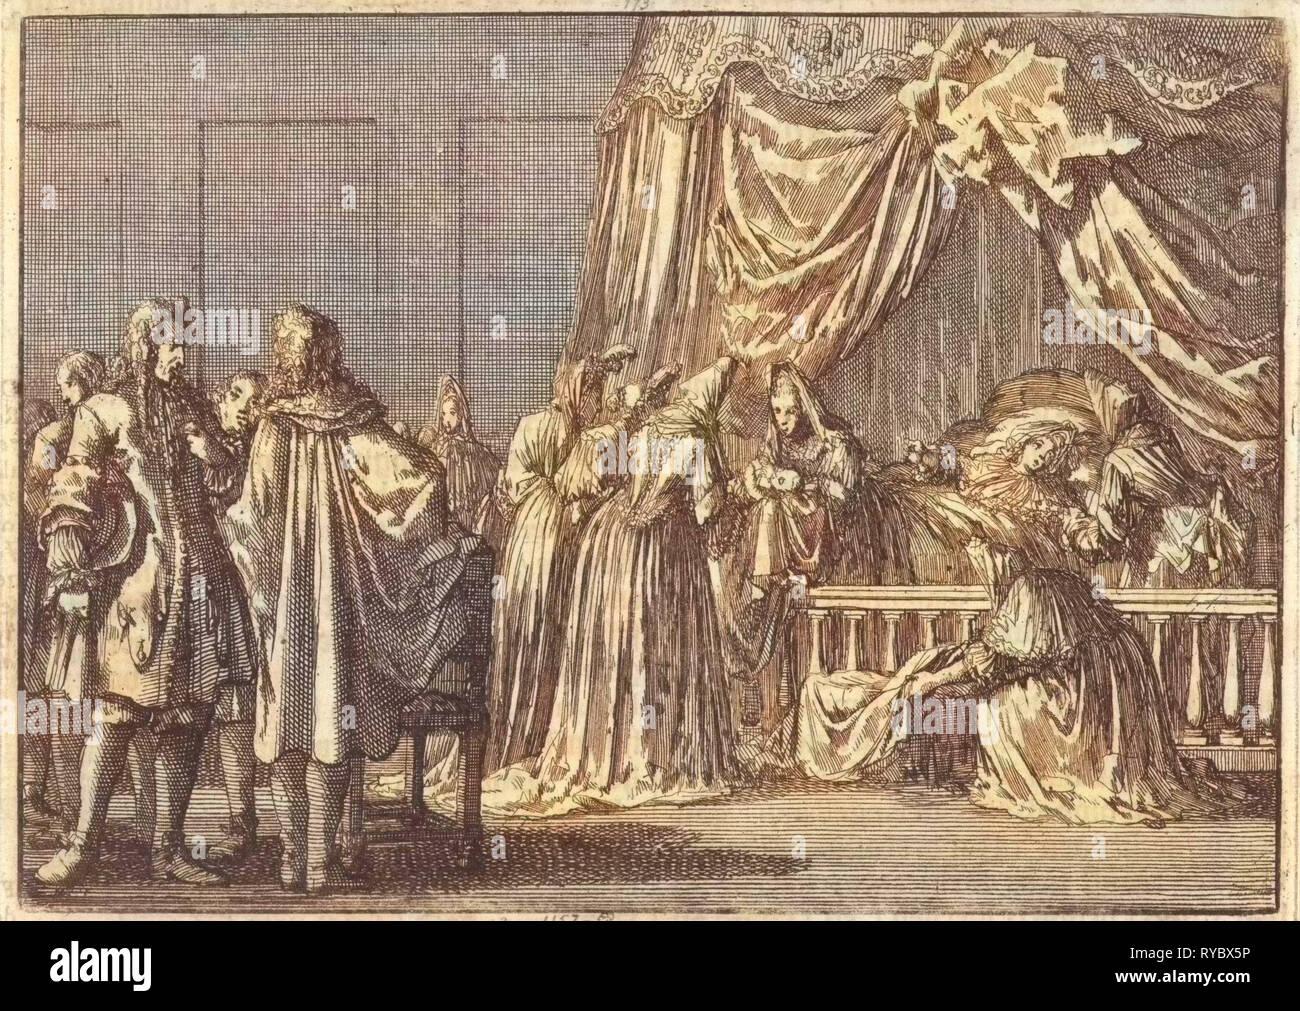 Birth of the son of King James II of England, 1688, Jan Luyken, Pieter van der Aa (I), 1698 - Stock Image